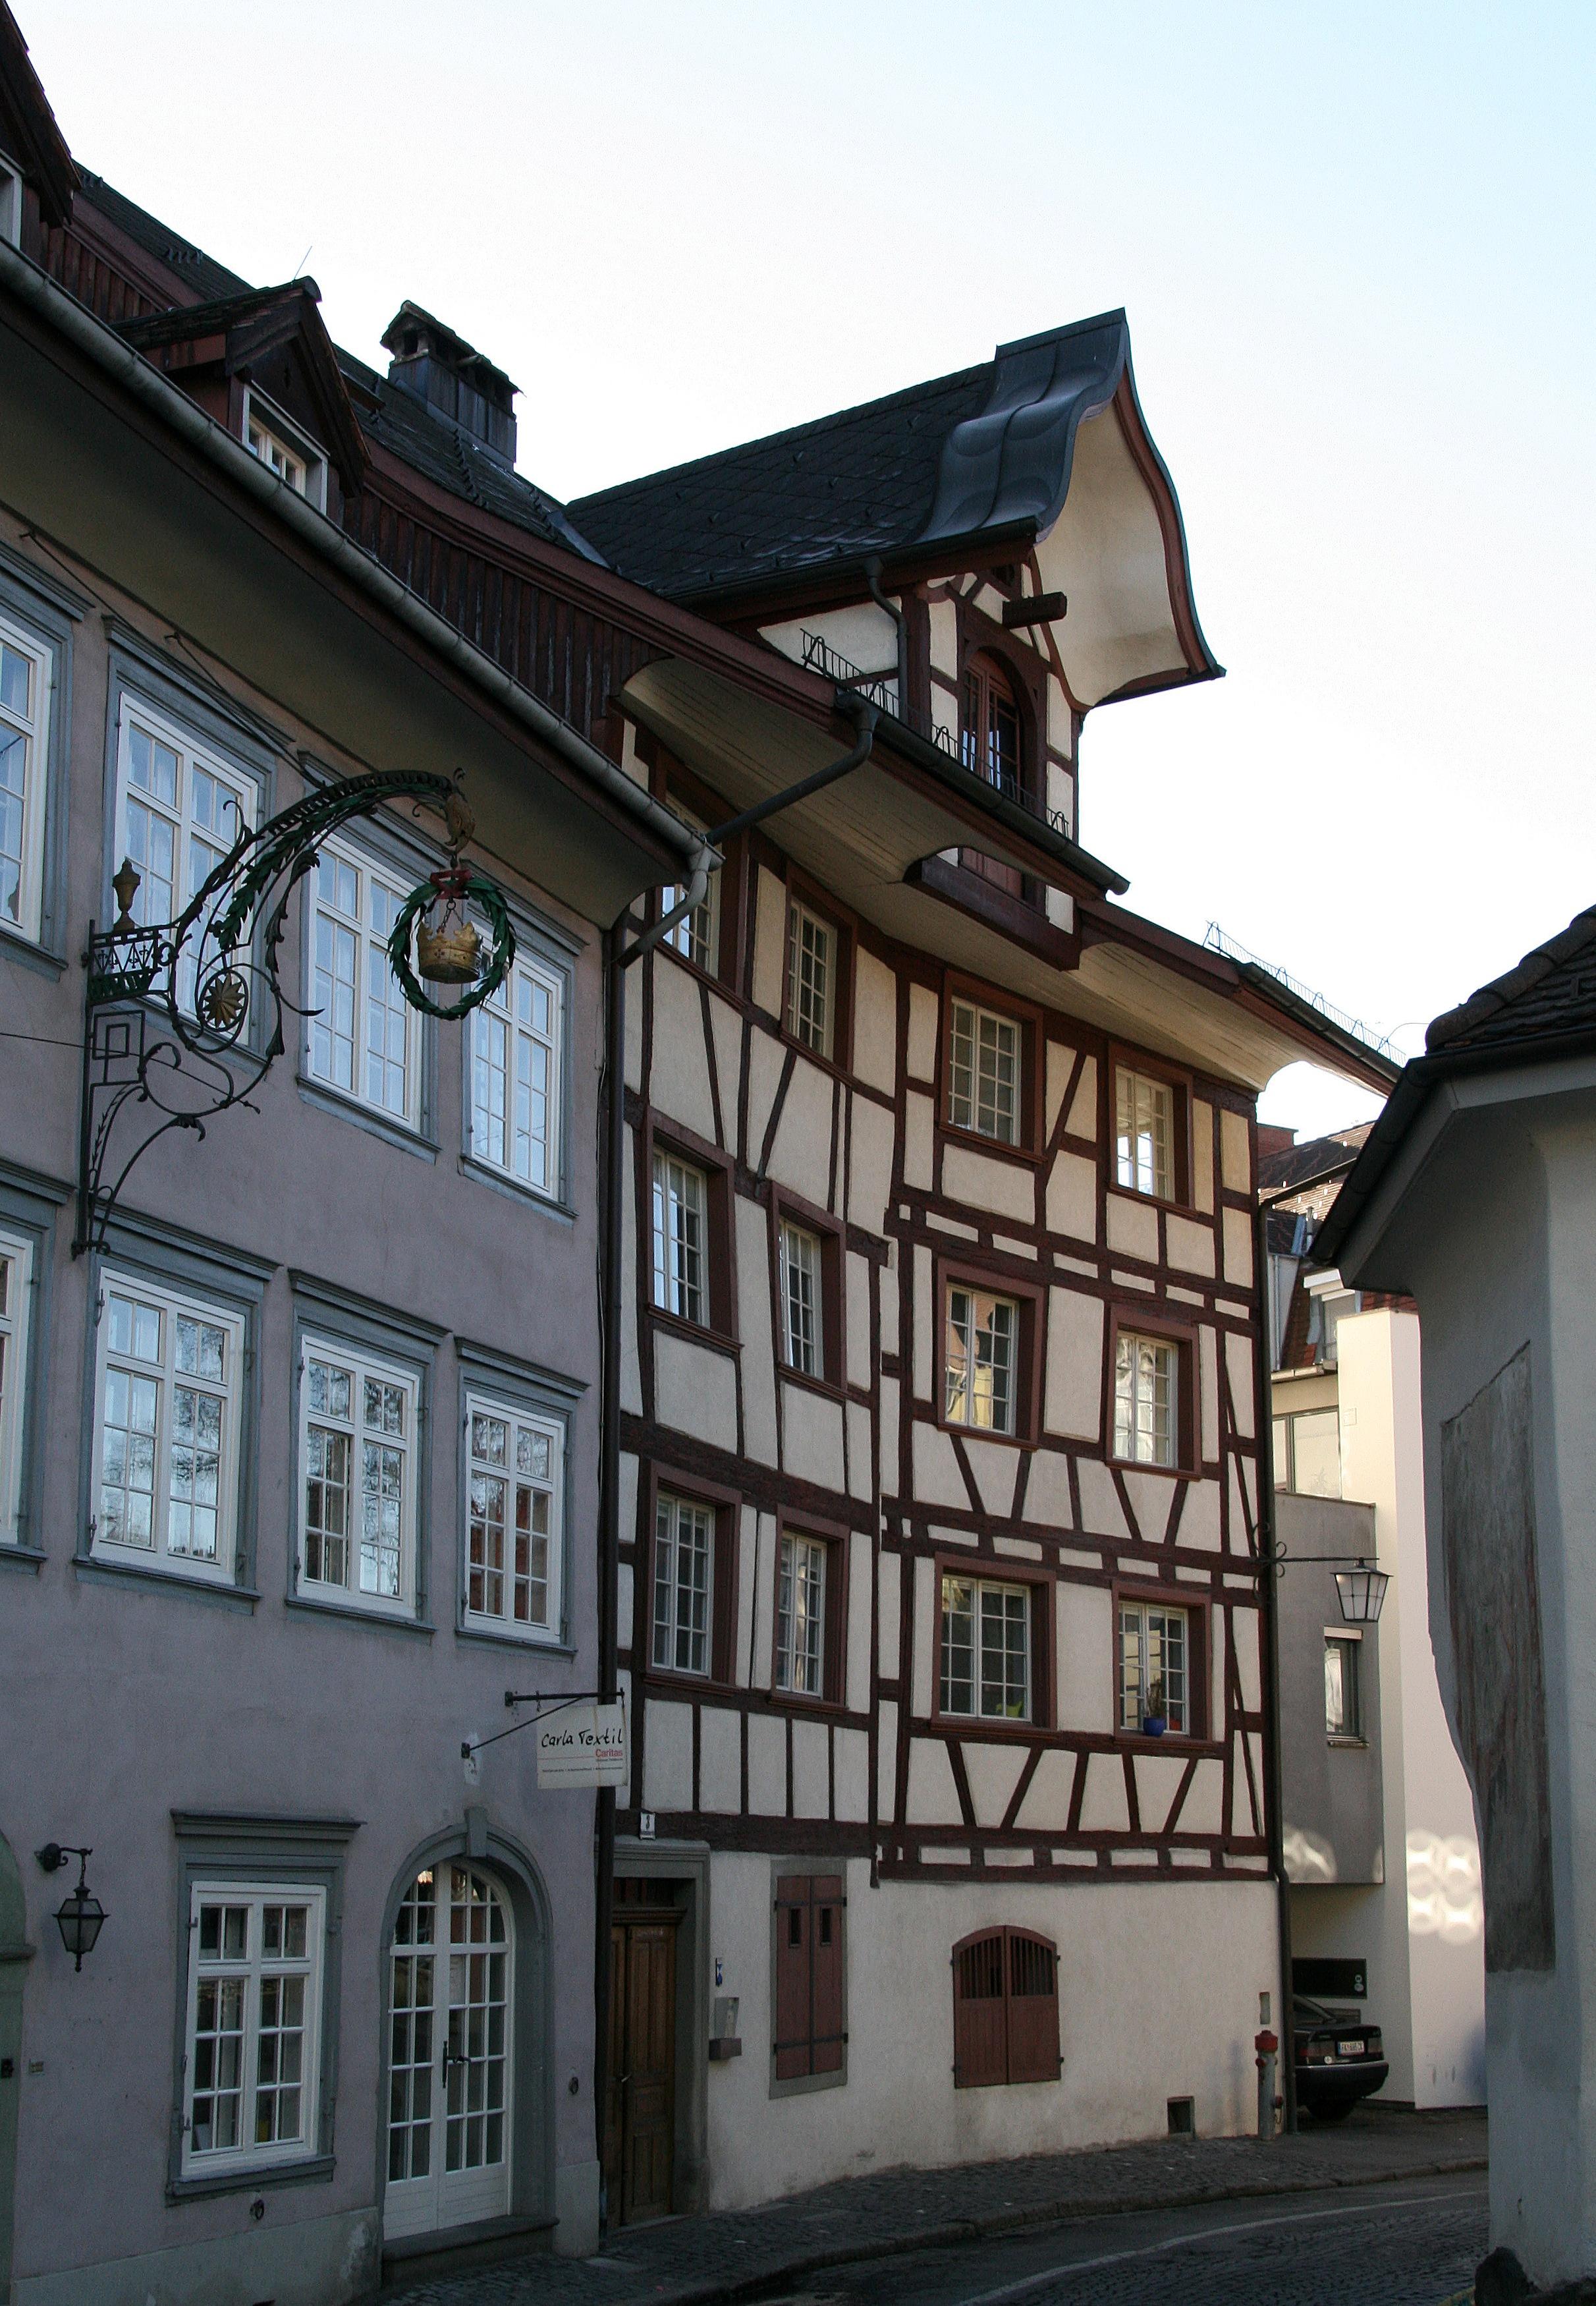 File:Liechtensteinerstraße Feldkirch 1,3.jpg - Wikimedia Commons